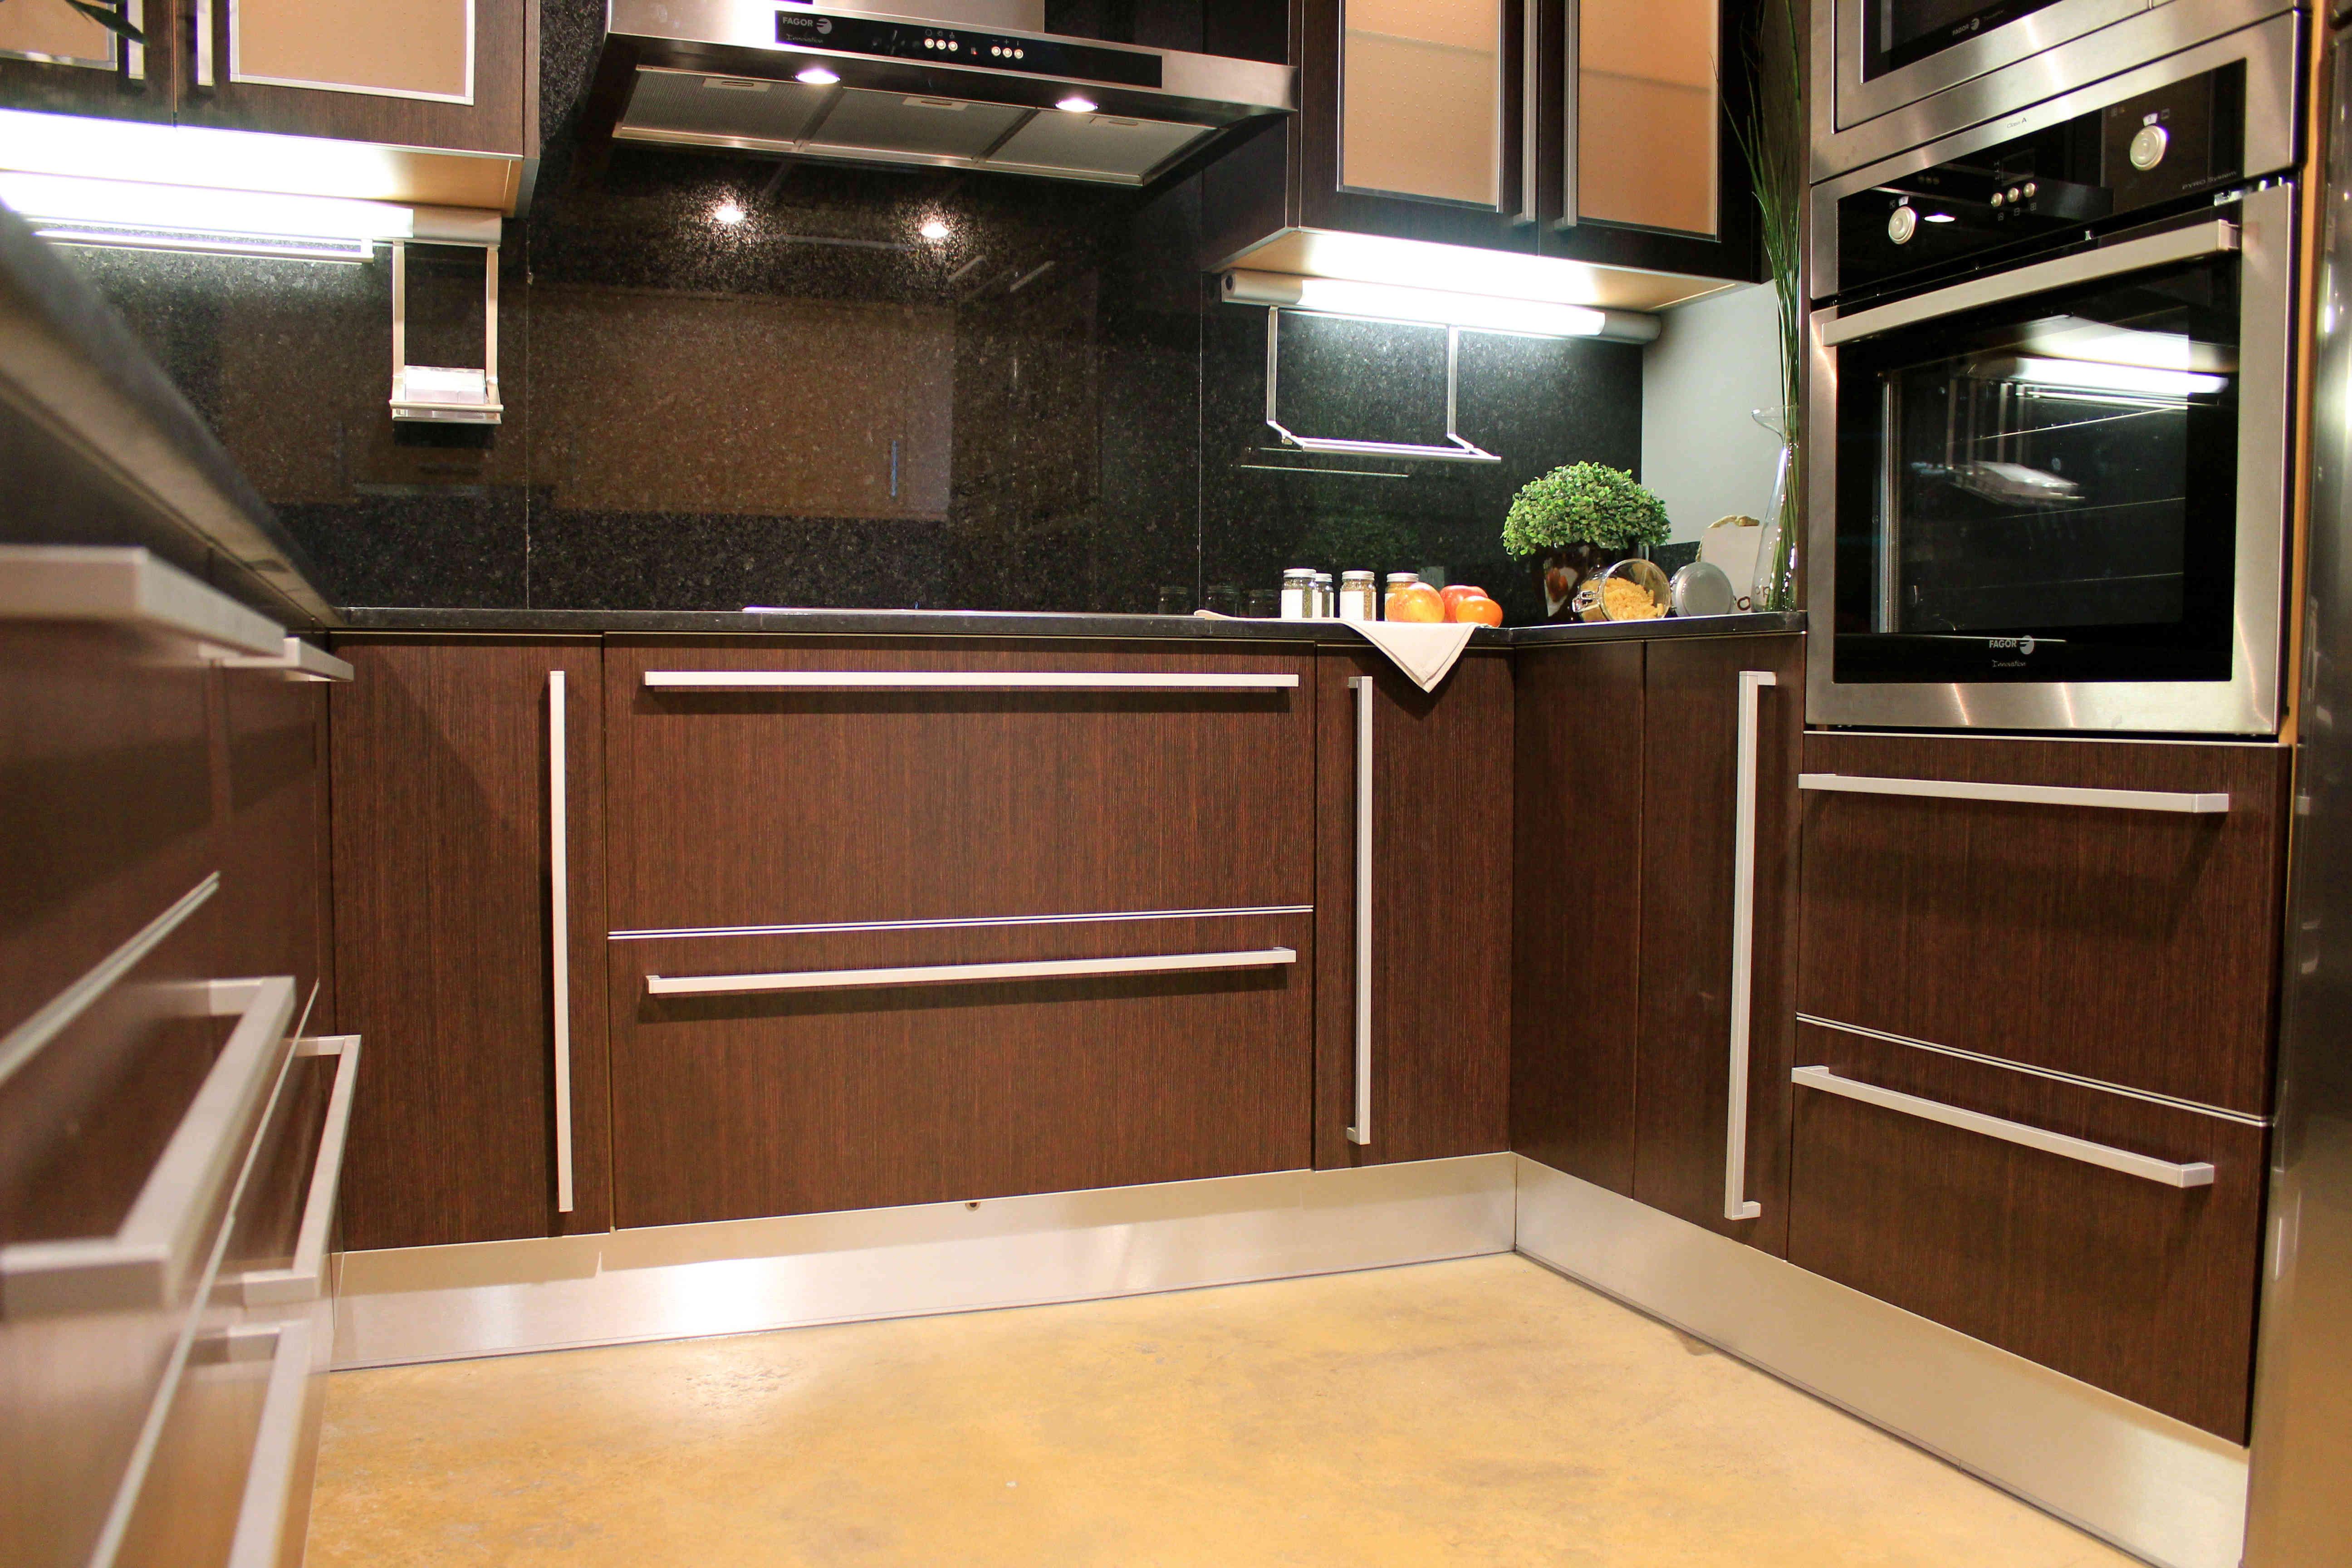 Cocinas peque as soluciones tpc cocinas - Soluciones cocinas pequenas ...